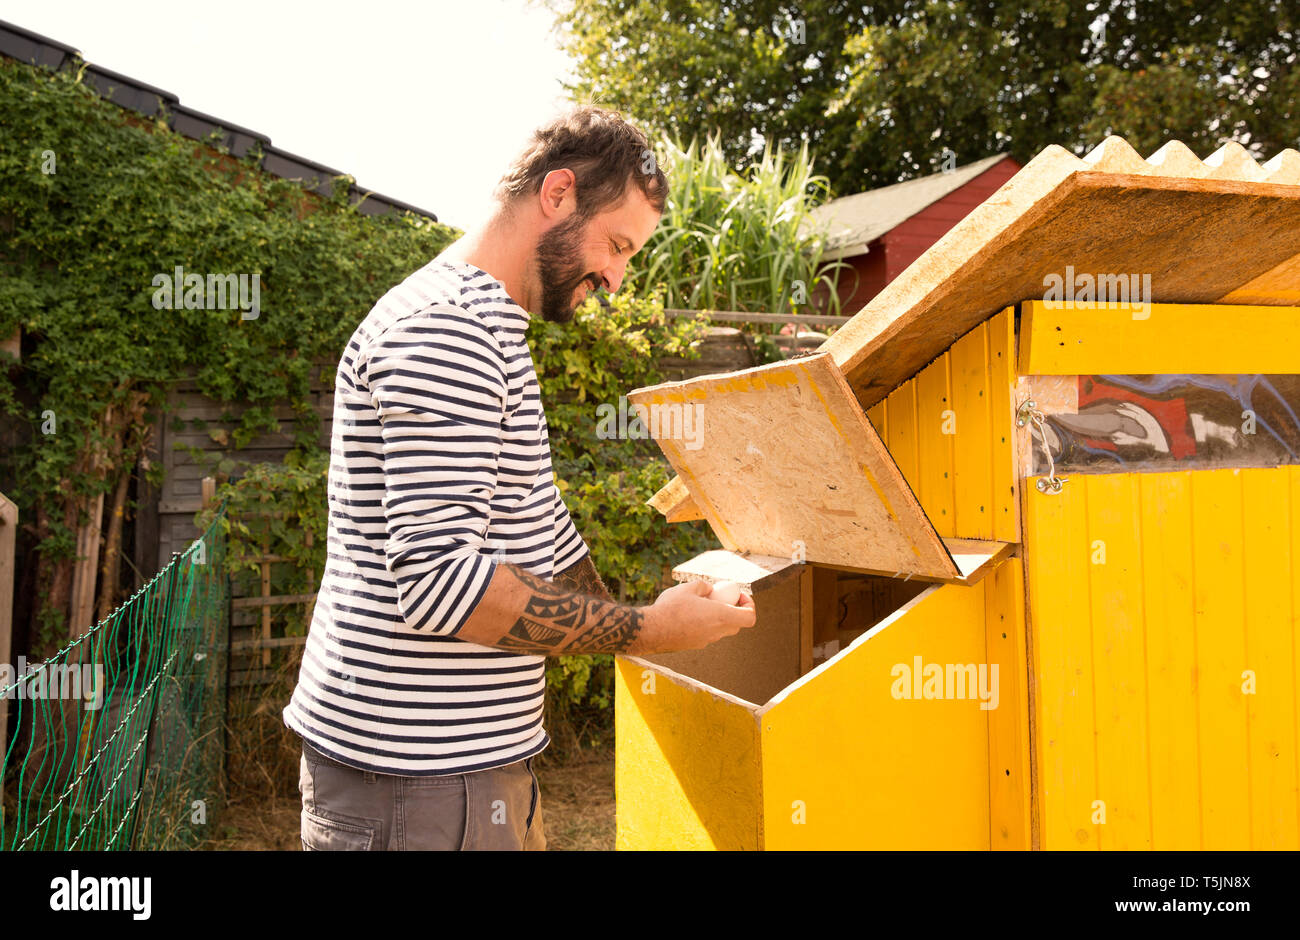 Hombre recogiendo huevos en chickenhouse Foto de stock